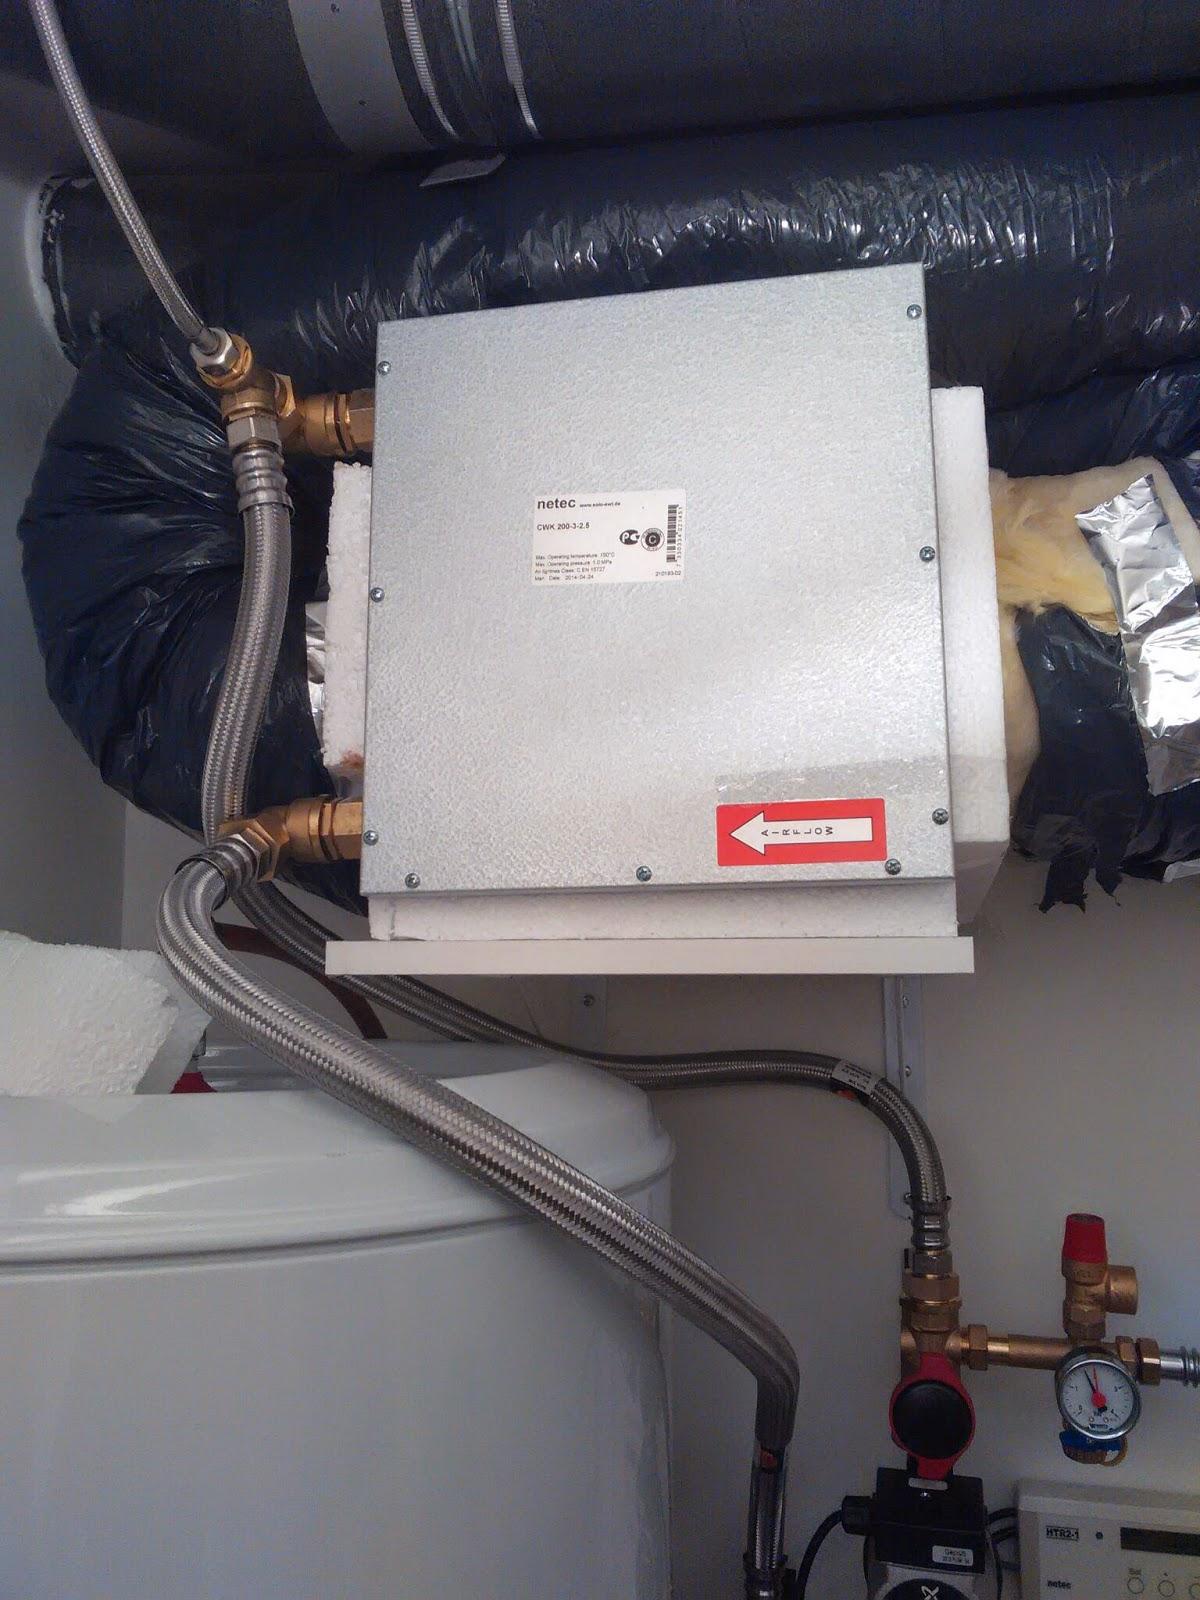 la case puits canadien hydraulique netec coupl une ideo 325 en service. Black Bedroom Furniture Sets. Home Design Ideas